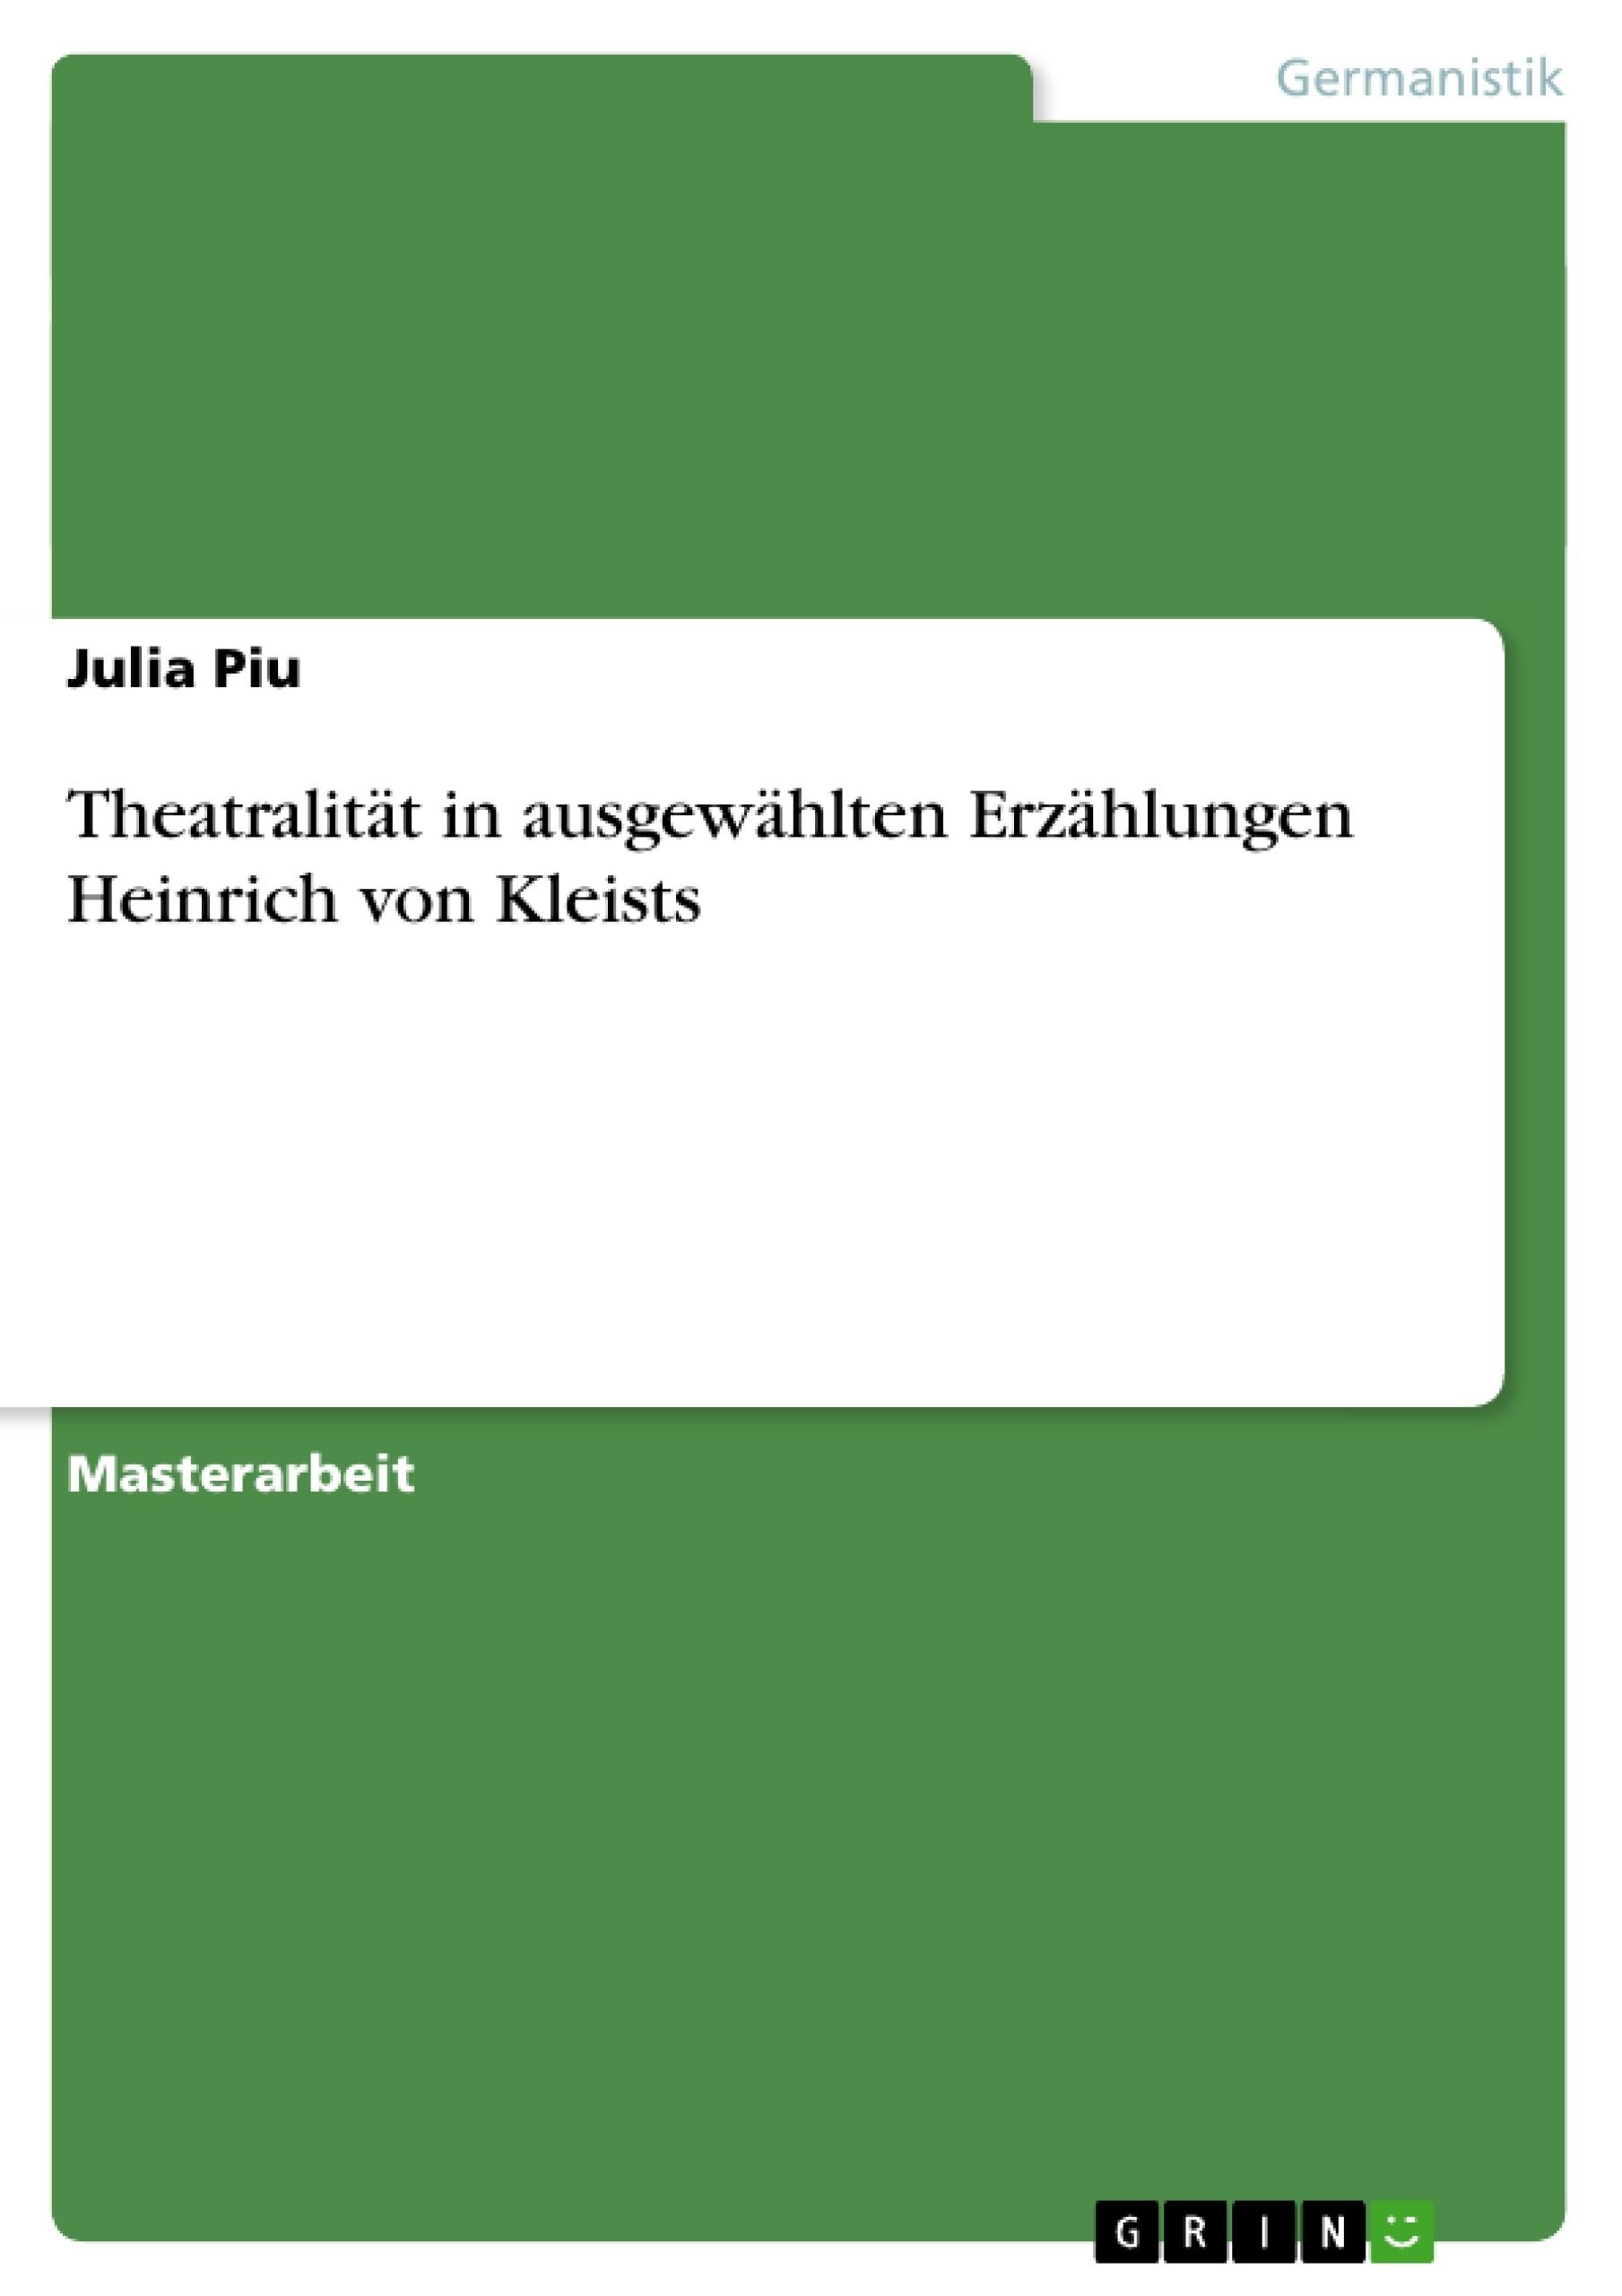 Titel: Theatralität in ausgewählten Erzählungen Heinrich von Kleists